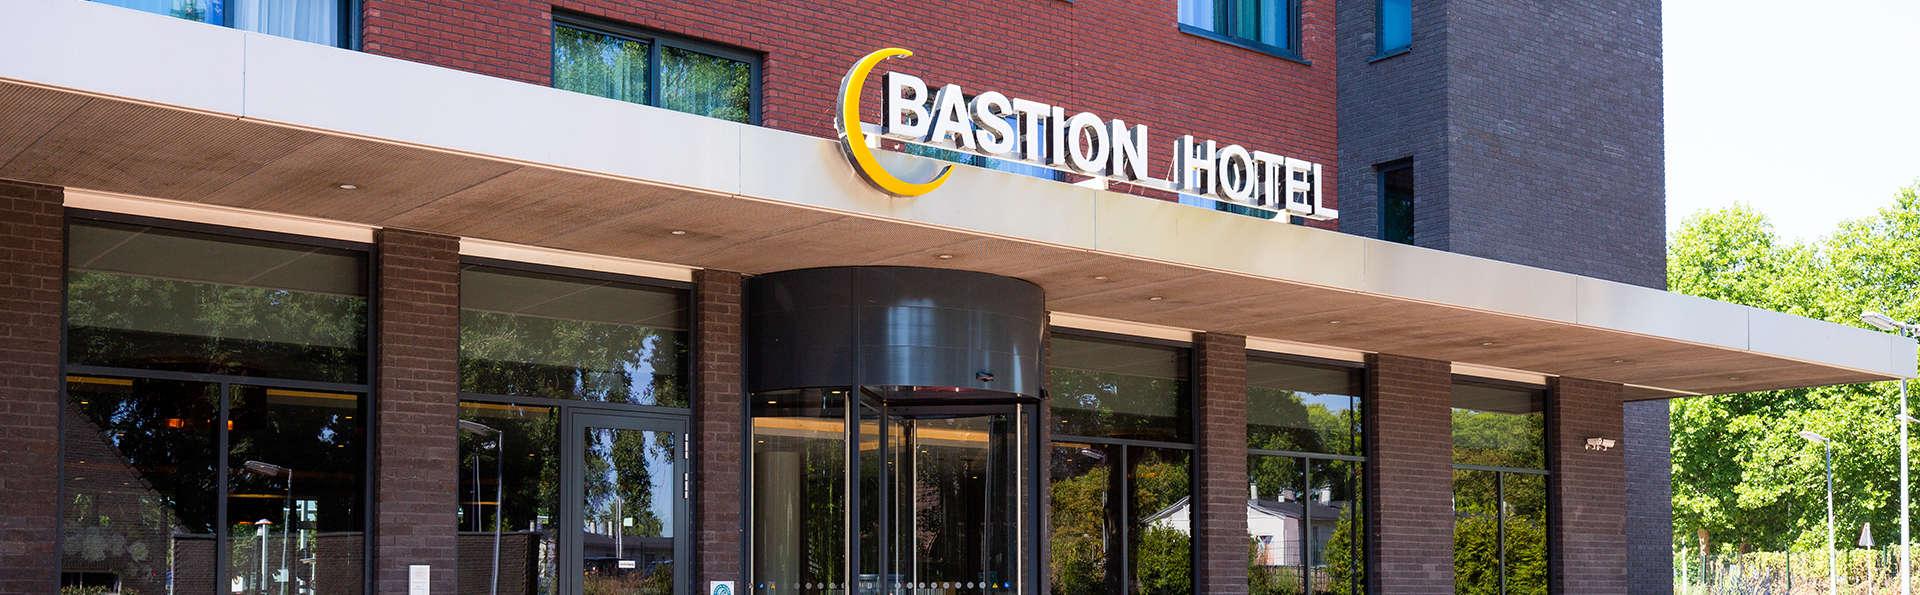 Bastion Hotel Tilburg - EDIT_FRONT_2.jpg